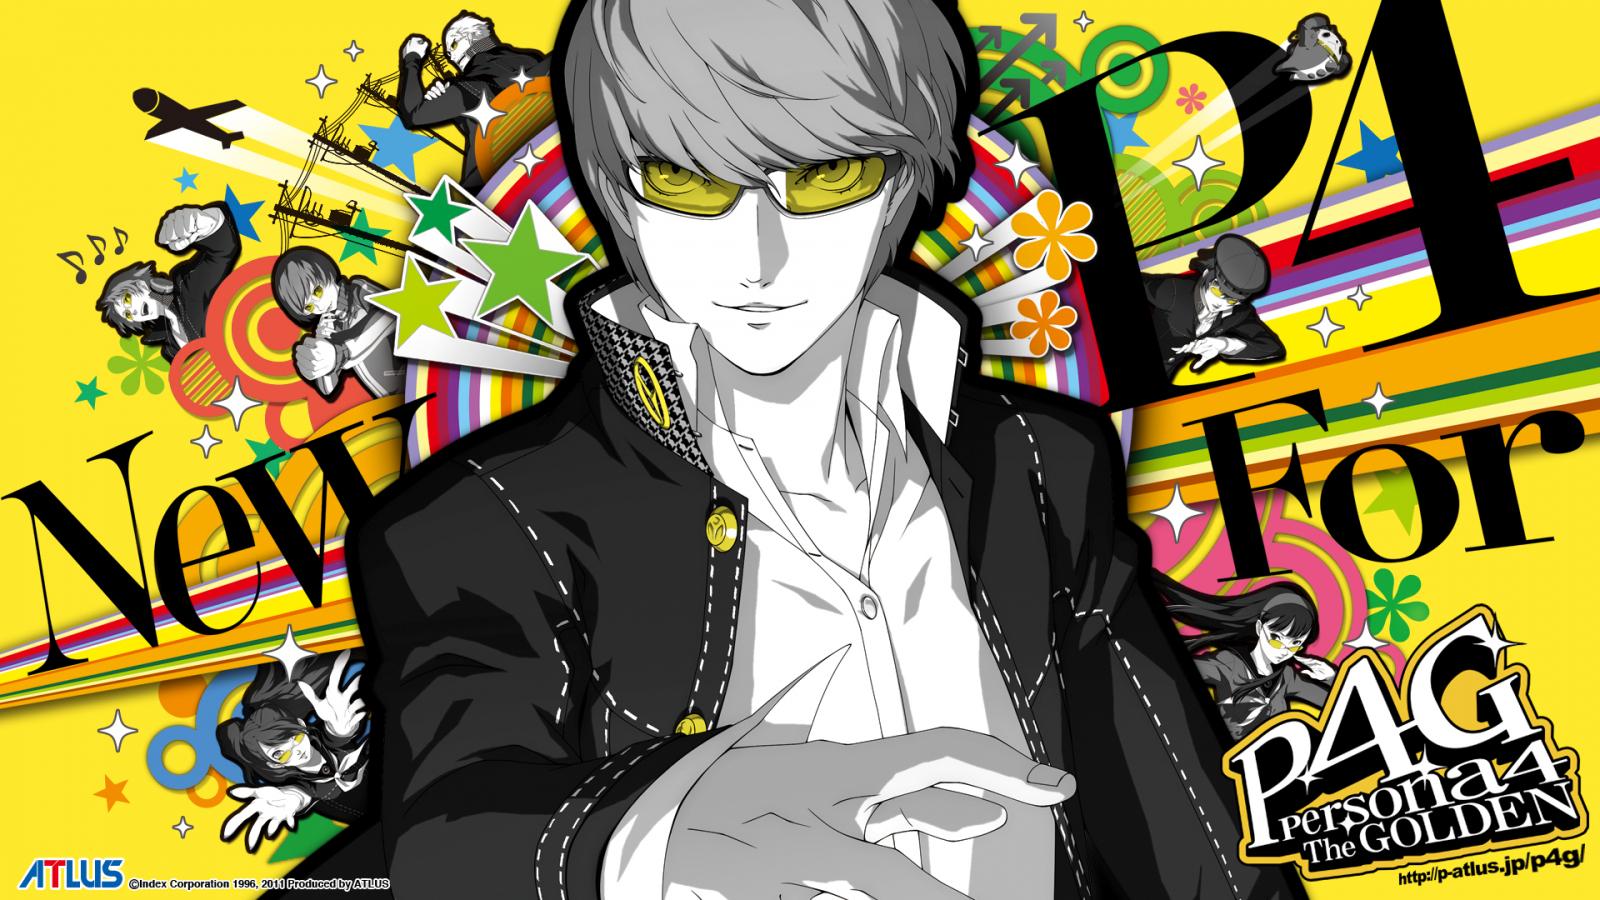 Free Download Persona 4 Golden Ps Vita Wallpapers Fonds Dcran